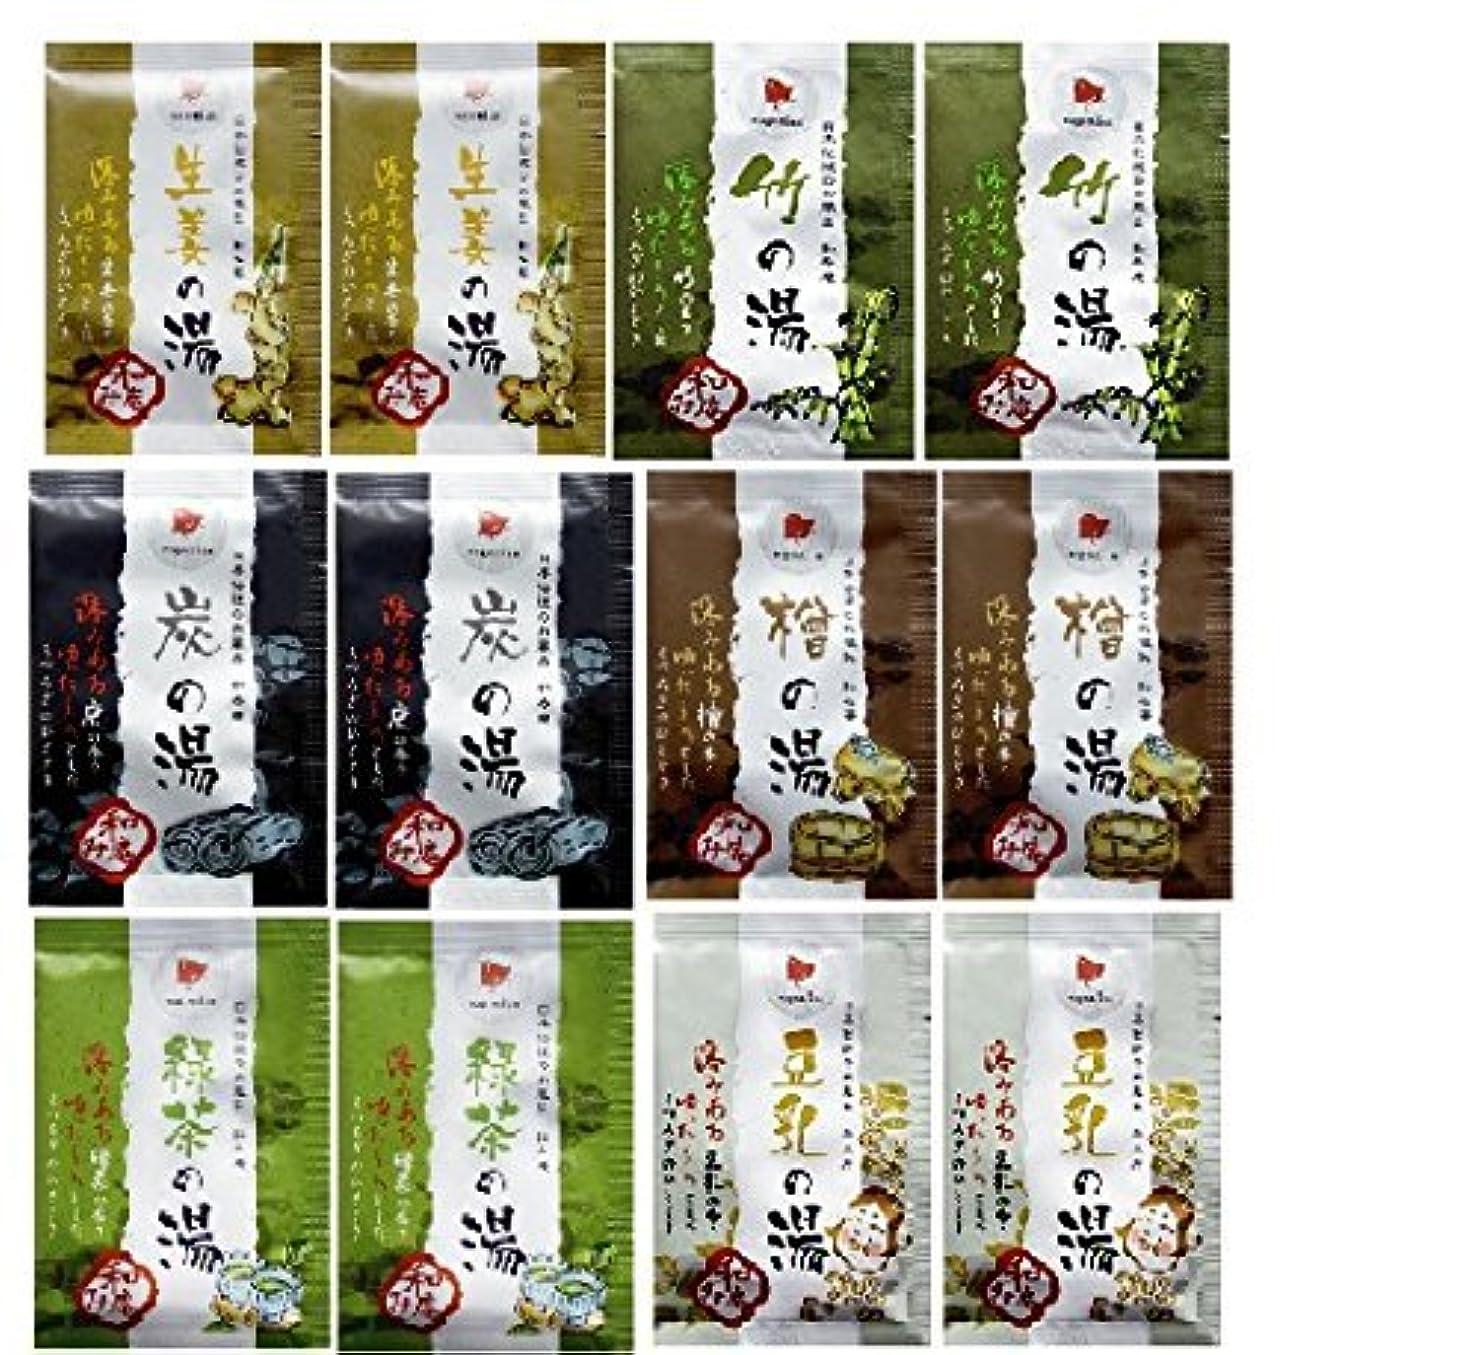 列挙する健康永遠の日本伝統のお風呂 和み庵 6種類×2 12包